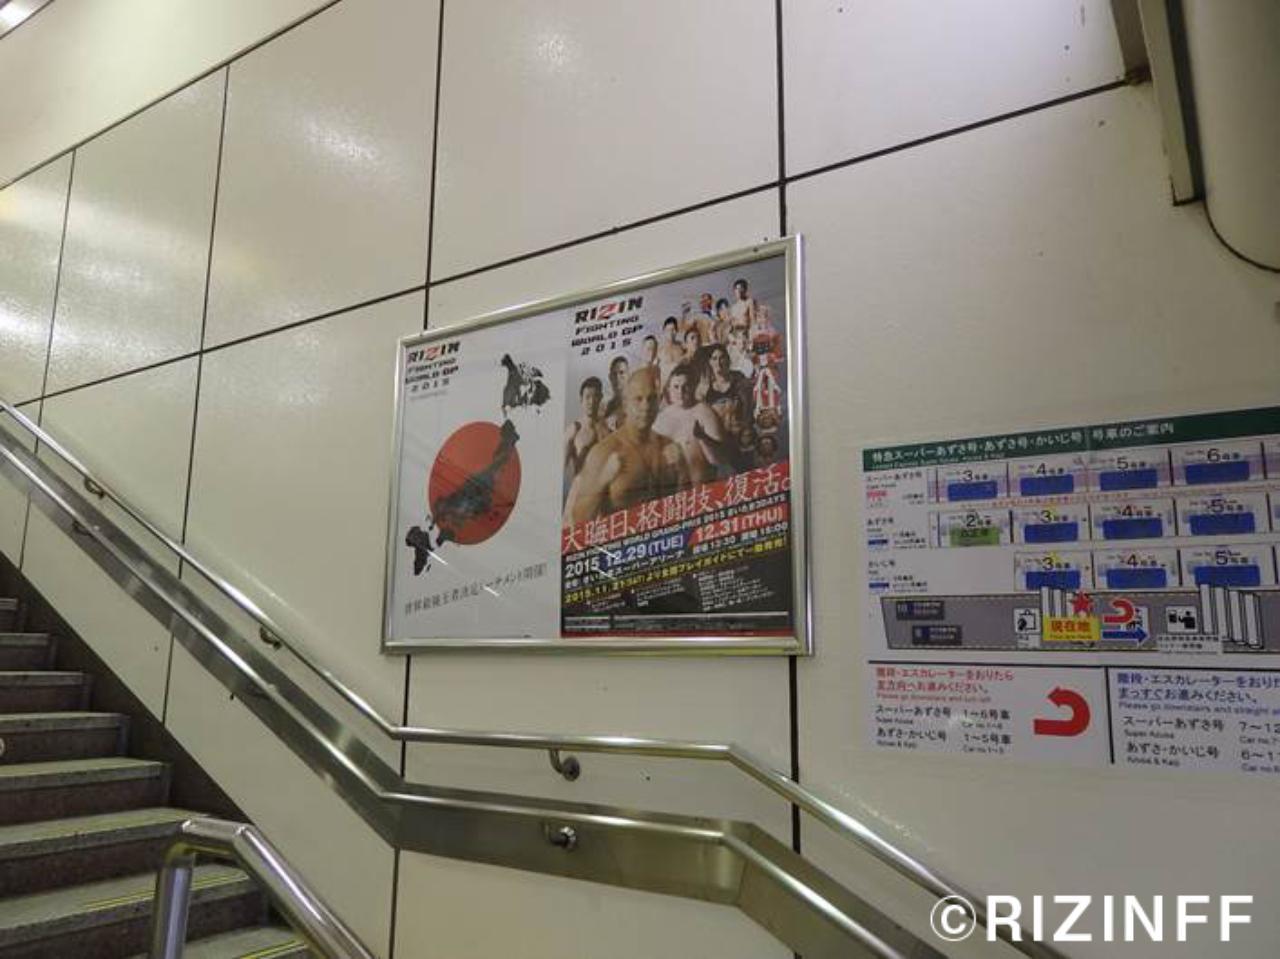 画像2: 渋谷・新宿・池袋にRIZIN FFポスター登場!渋谷駅構内には超巨大広告も!